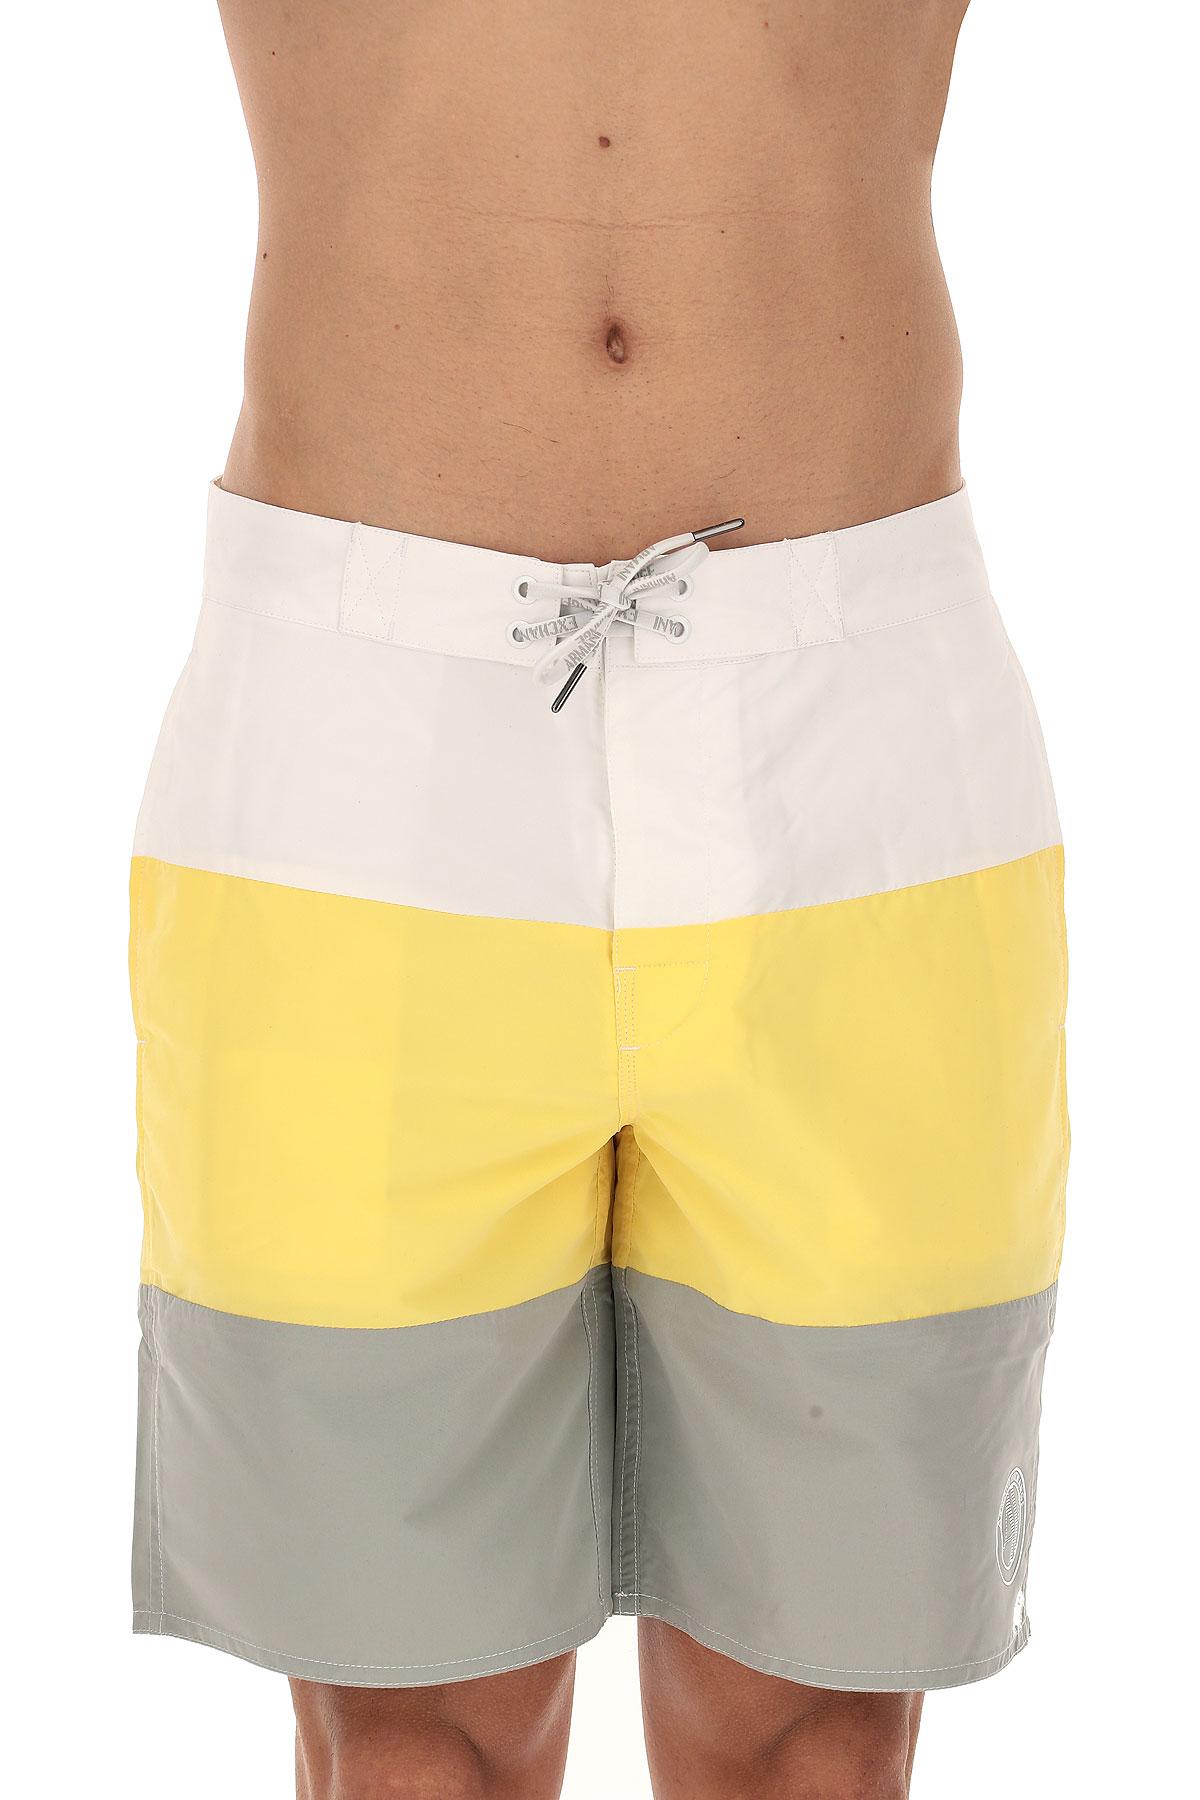 Emporio Armani Short de Bain Homme, Blanc, Polyester, 2017, L M M S XL XS